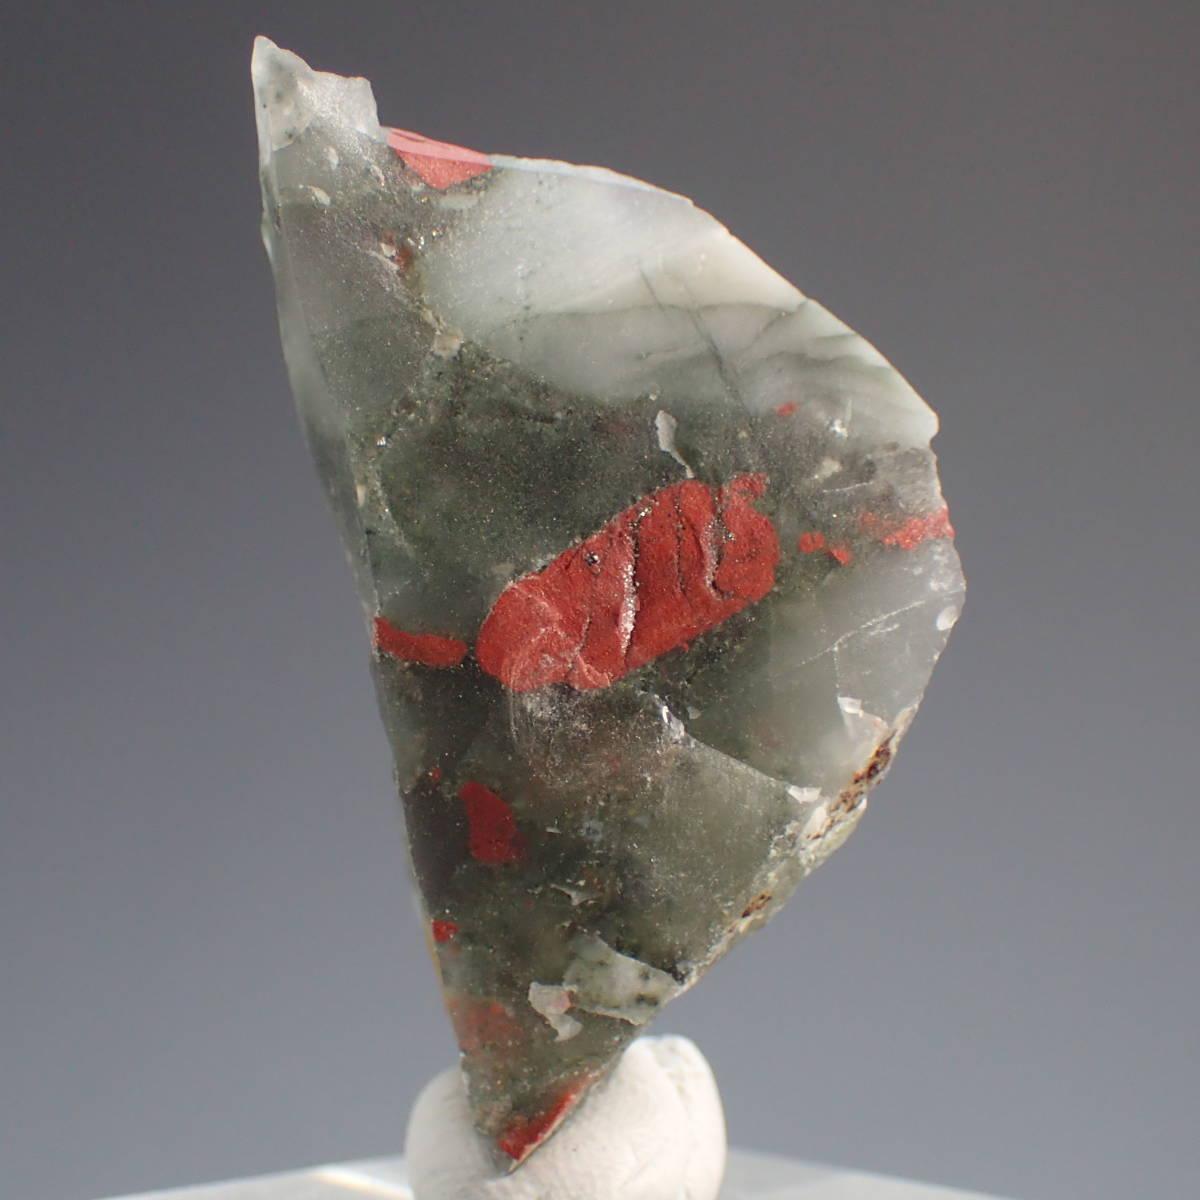 南アフリカ共和国 北ケープ州産 ブラッドストーン 原石 15.0g 天然石 鉱物標本 血石 パワーストーン ジャスパー_画像1